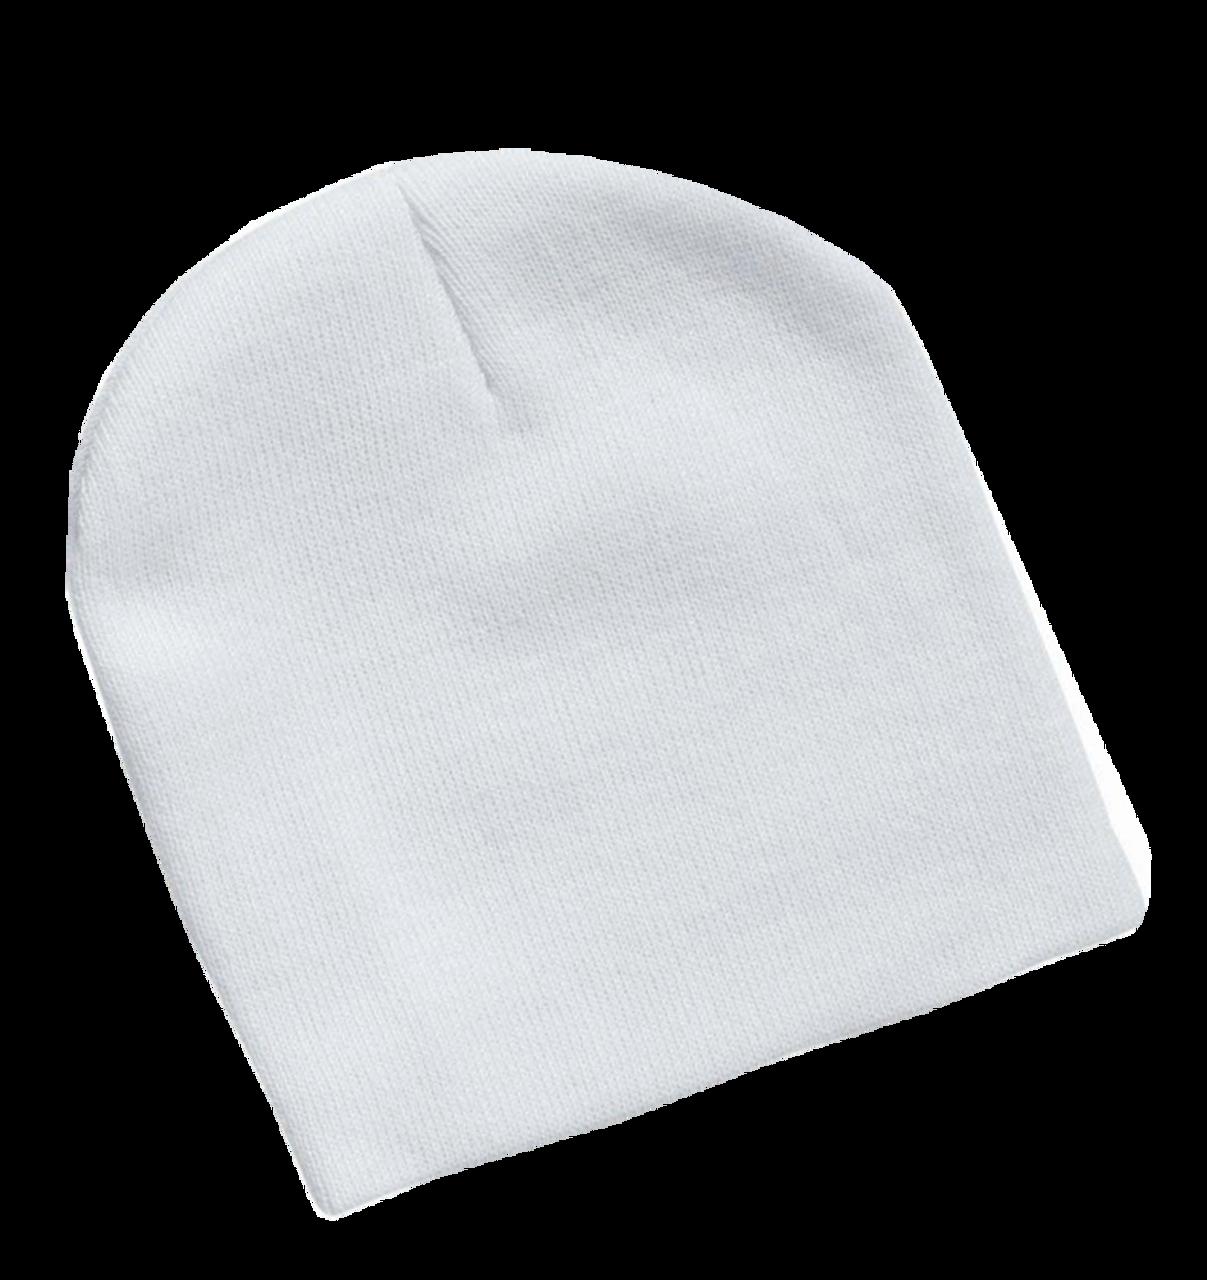 SP08 in White